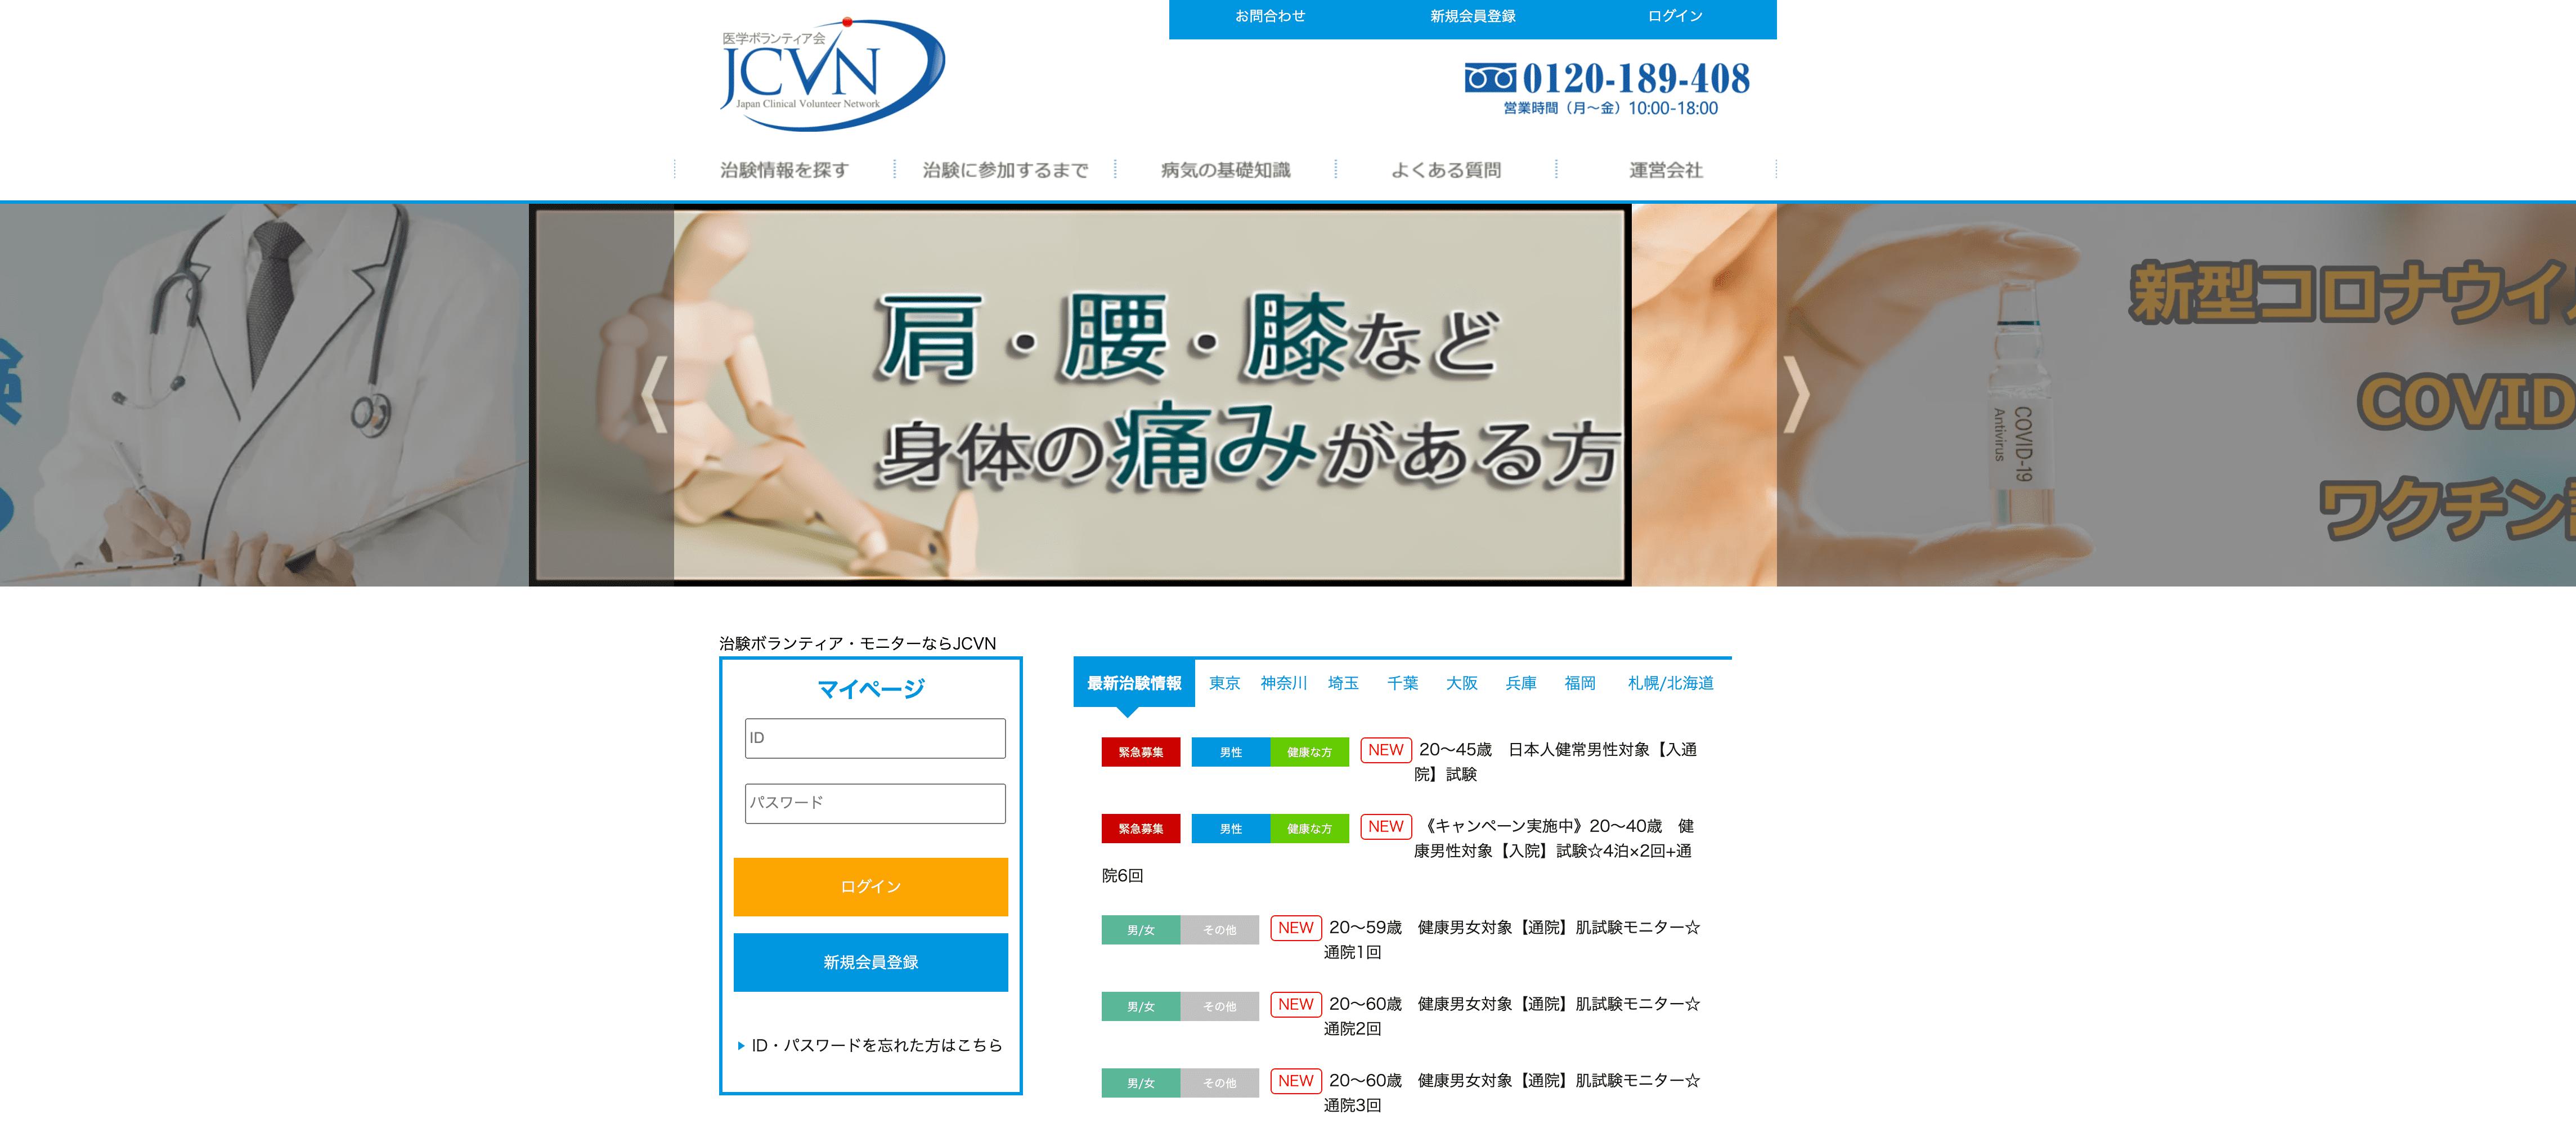 JCVNとは??